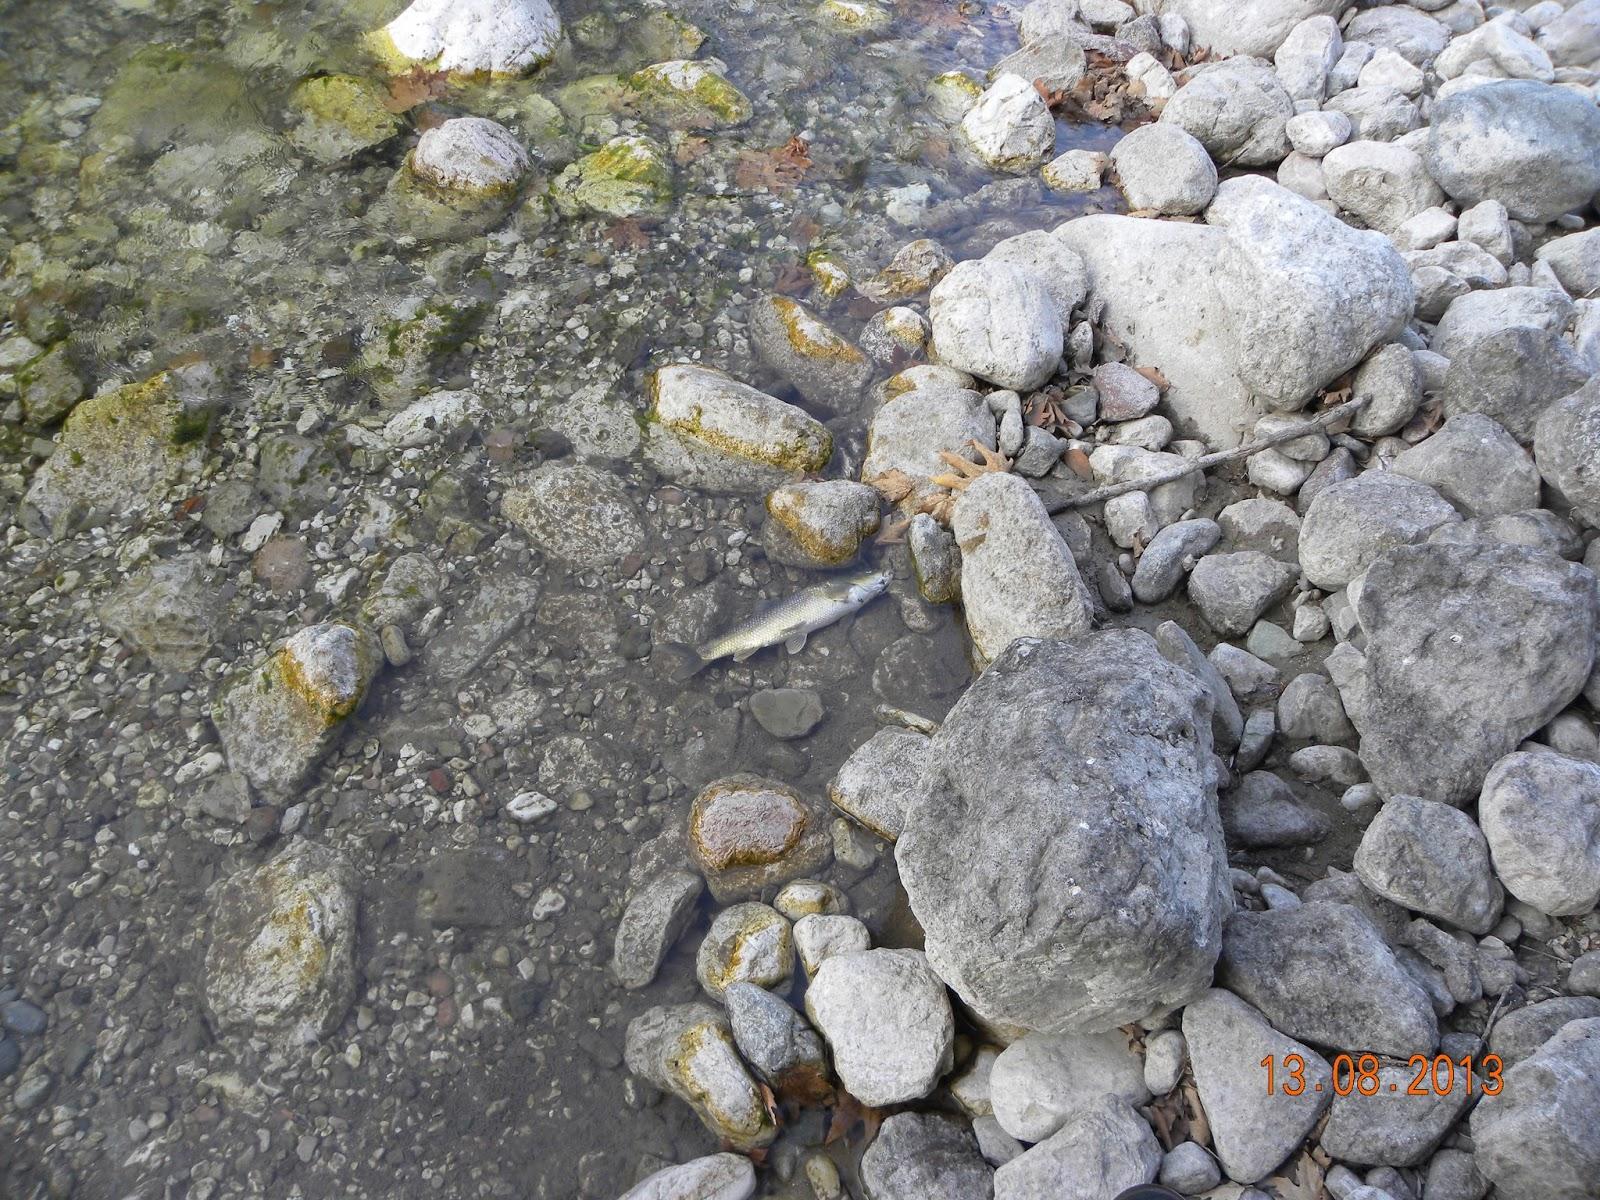 Τζουμερκα:νεκρά ψάρια στον